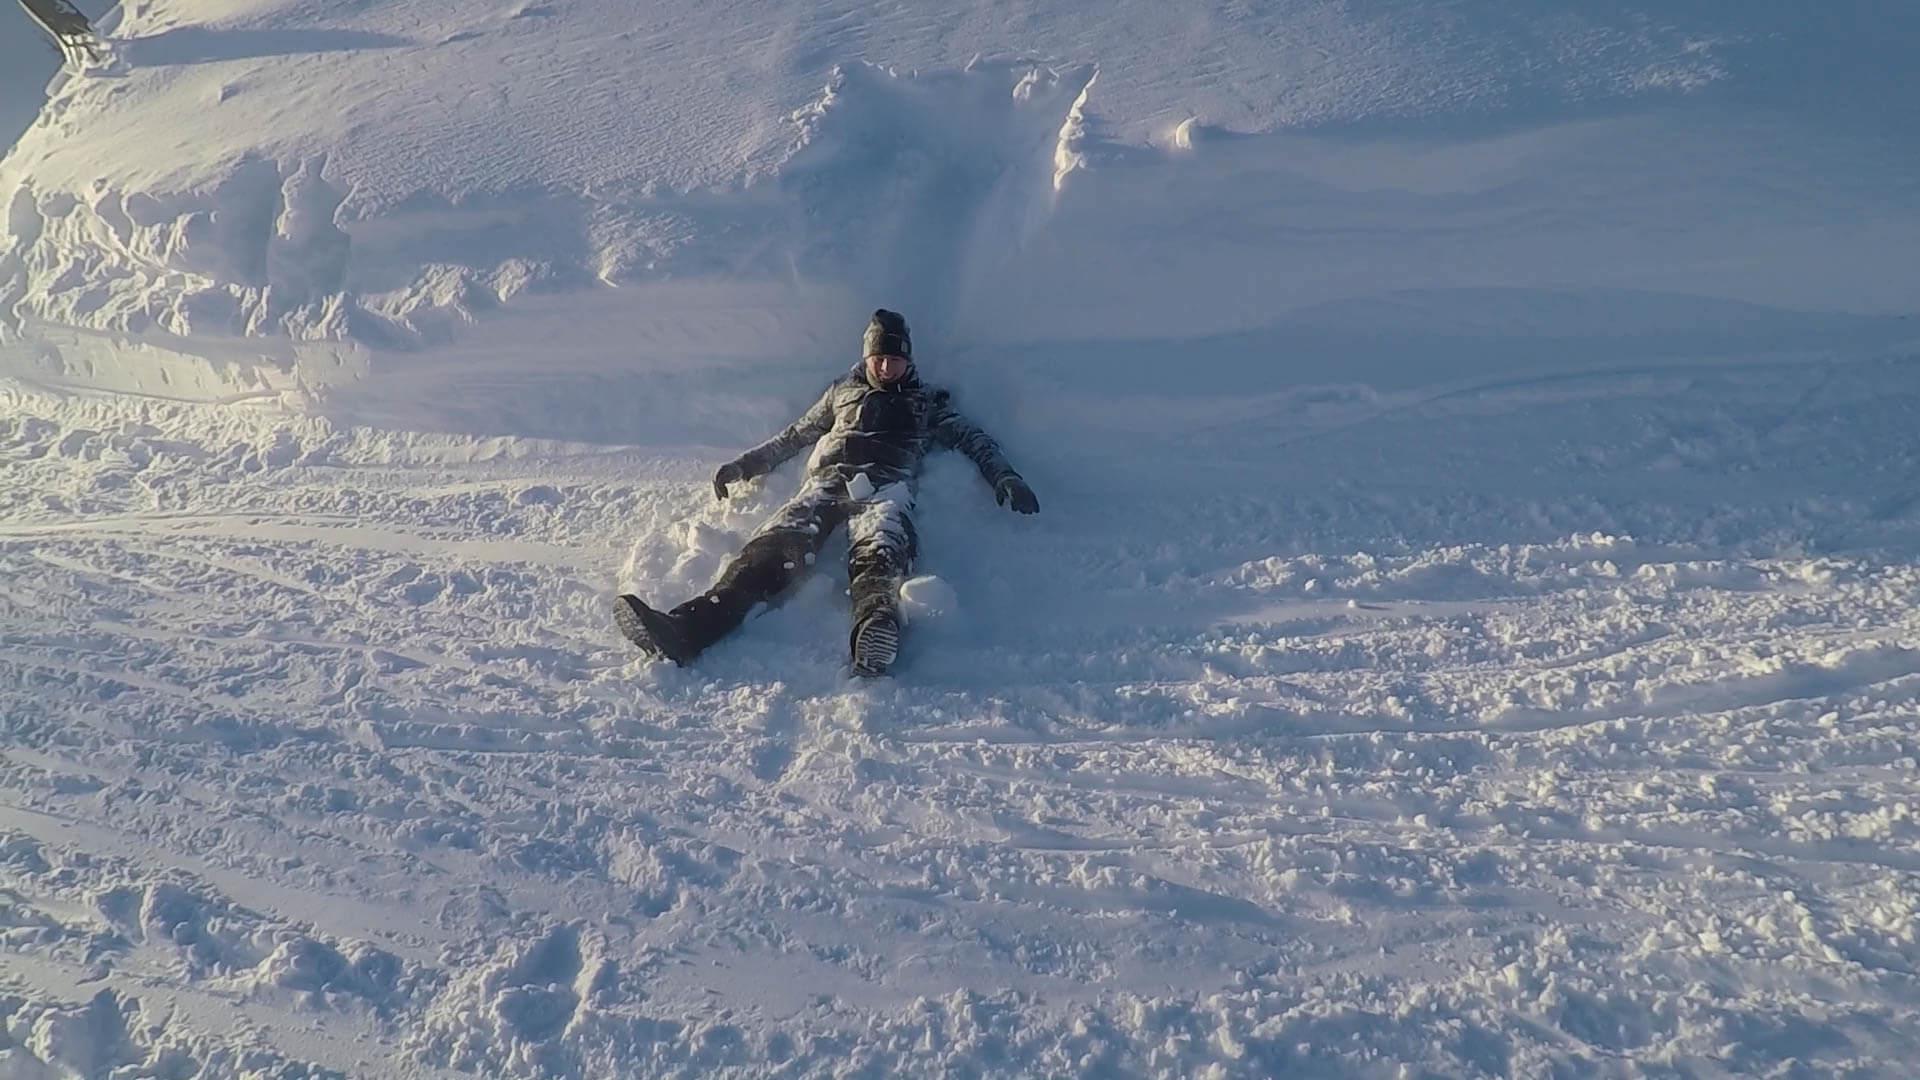 Beim Rodeln fällt man auch mal in den Schnee